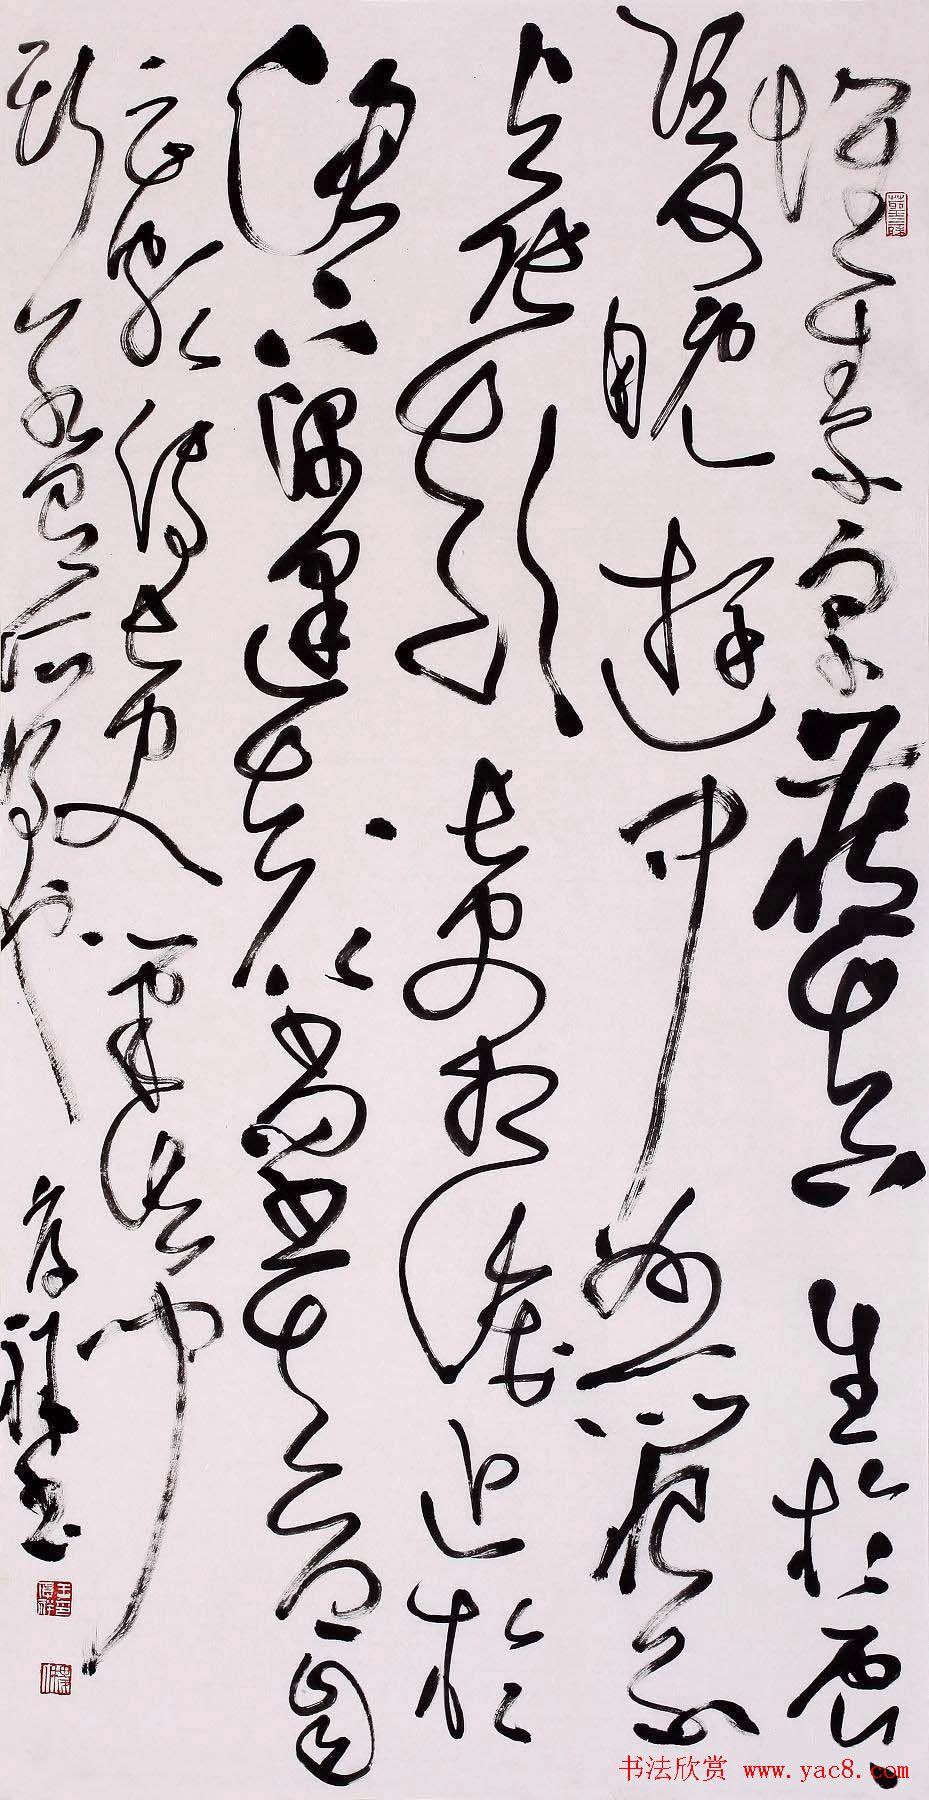 王厚祥书法草书作品欣赏 - 李建平书法艺术创作室 - 李建平书法艺术创作室